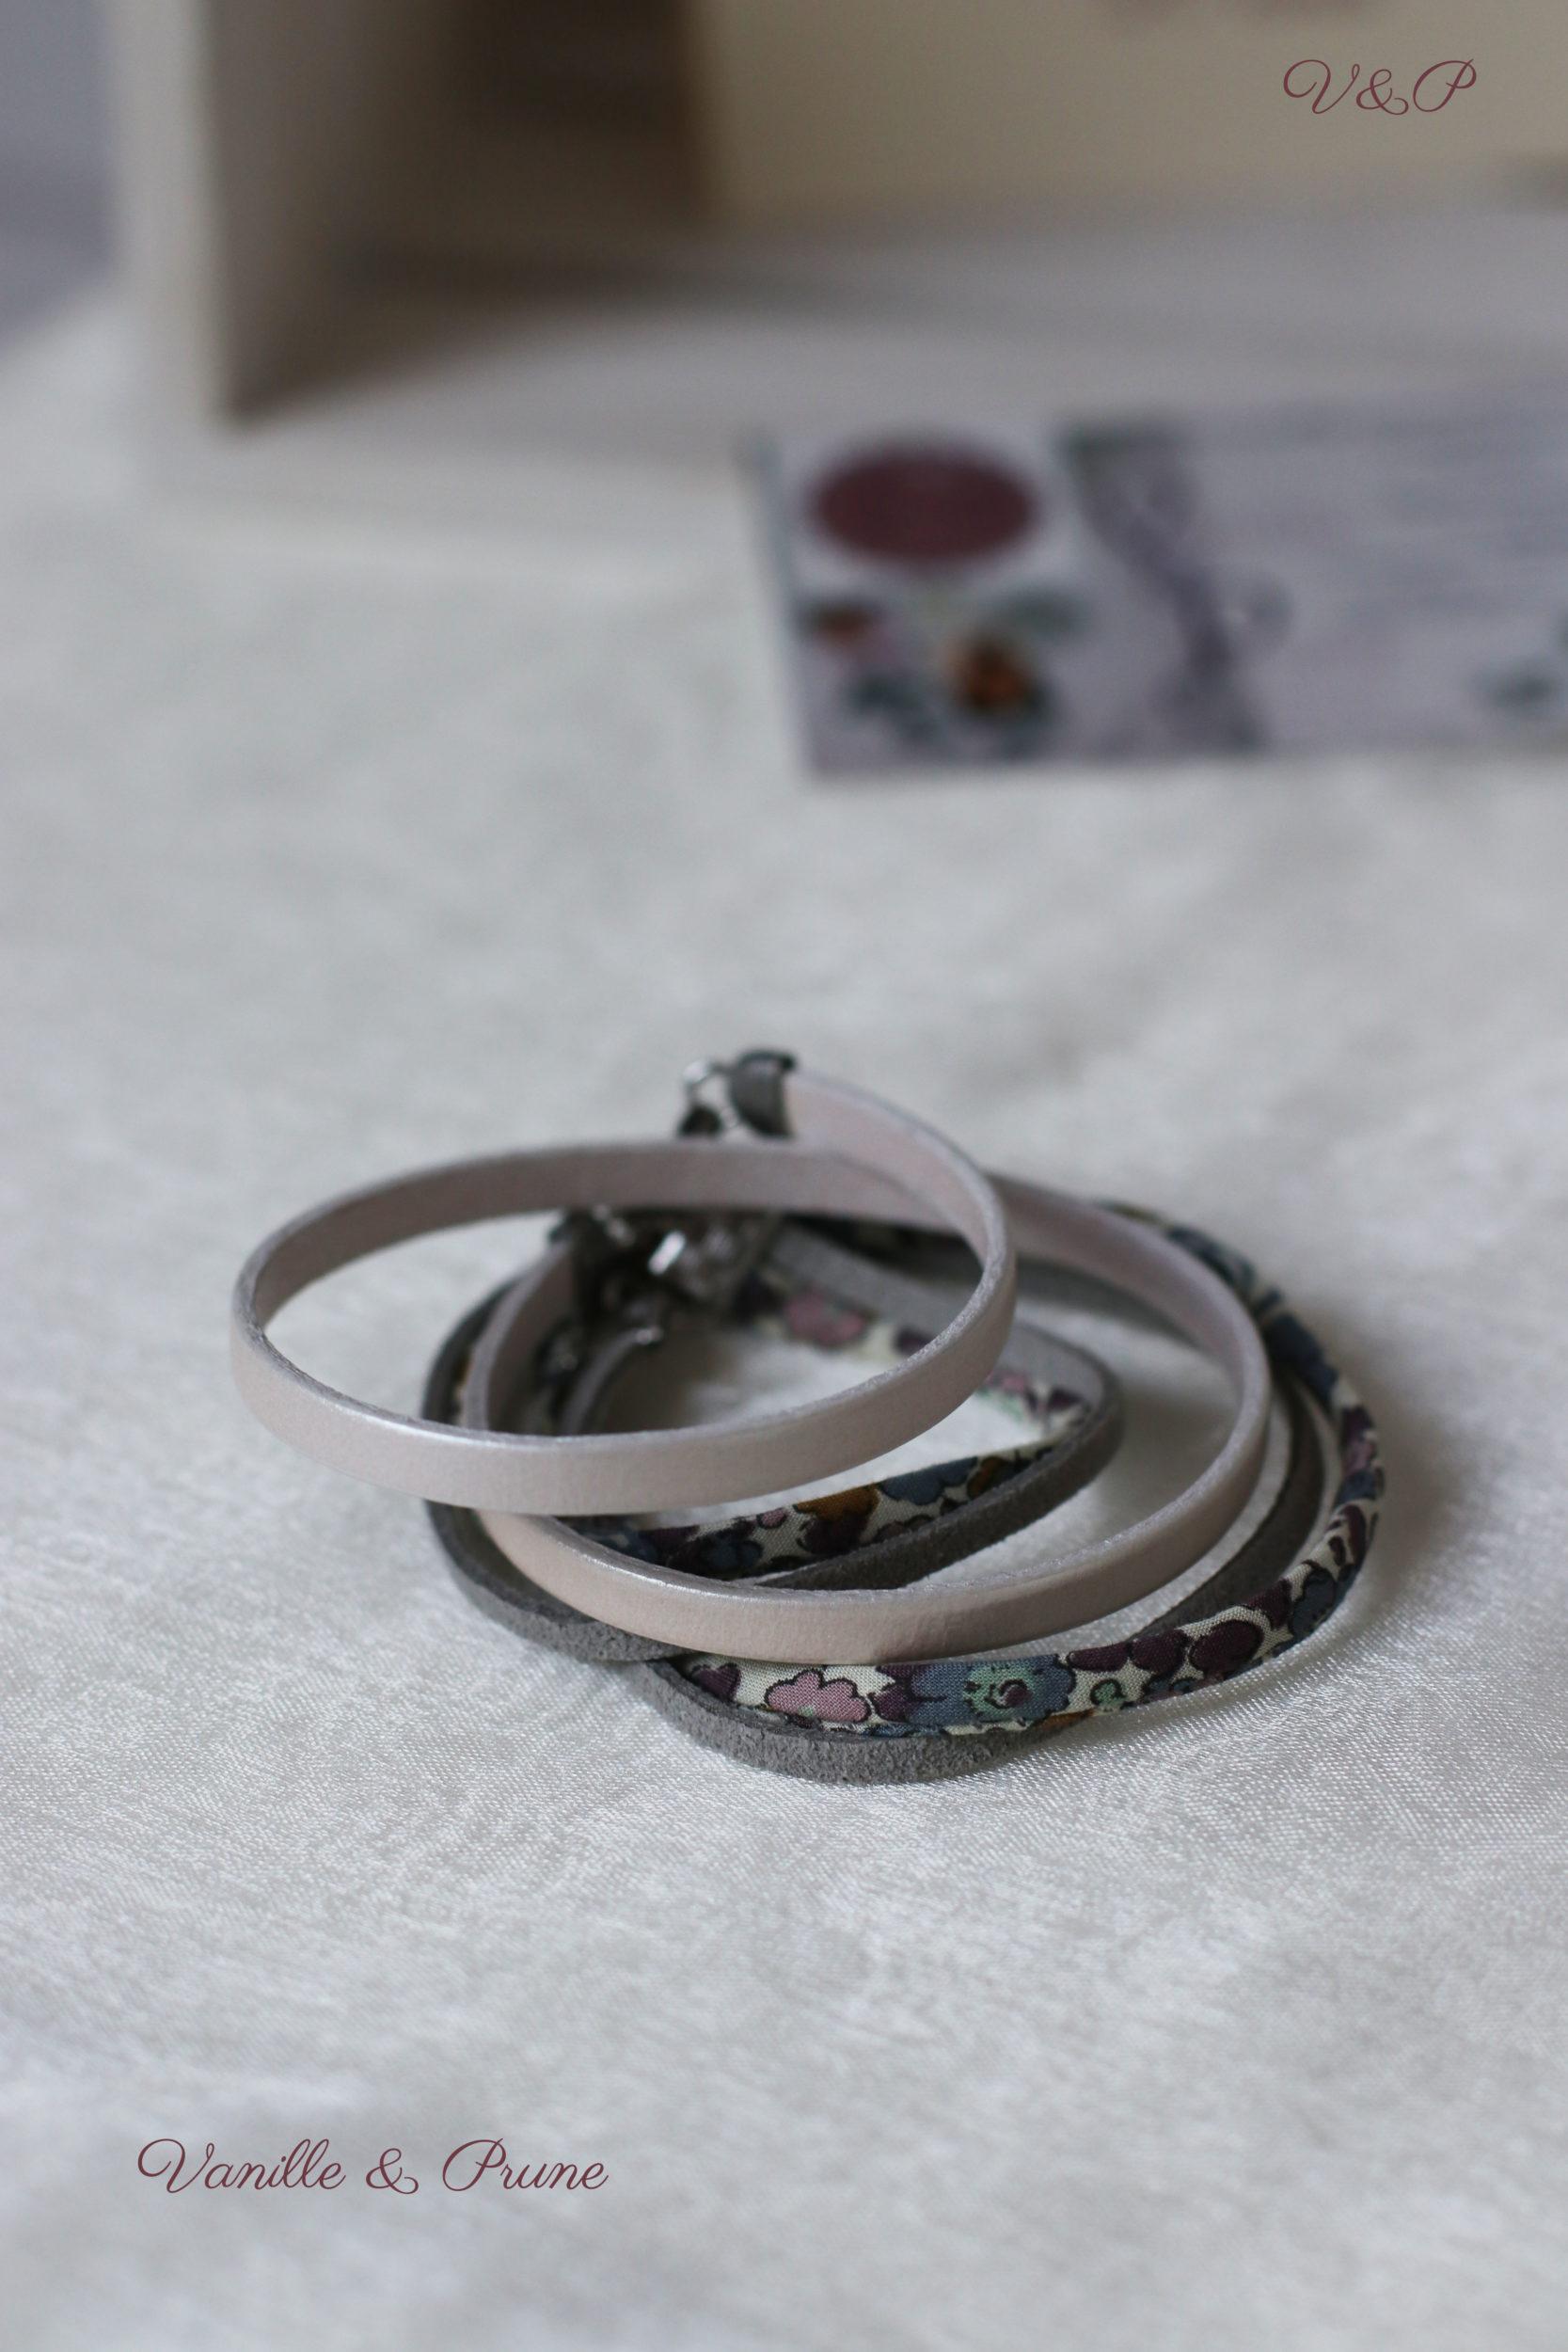 Bracelet multi-rangs cuir, Cordon Liberty® et daim gris, breloque métal